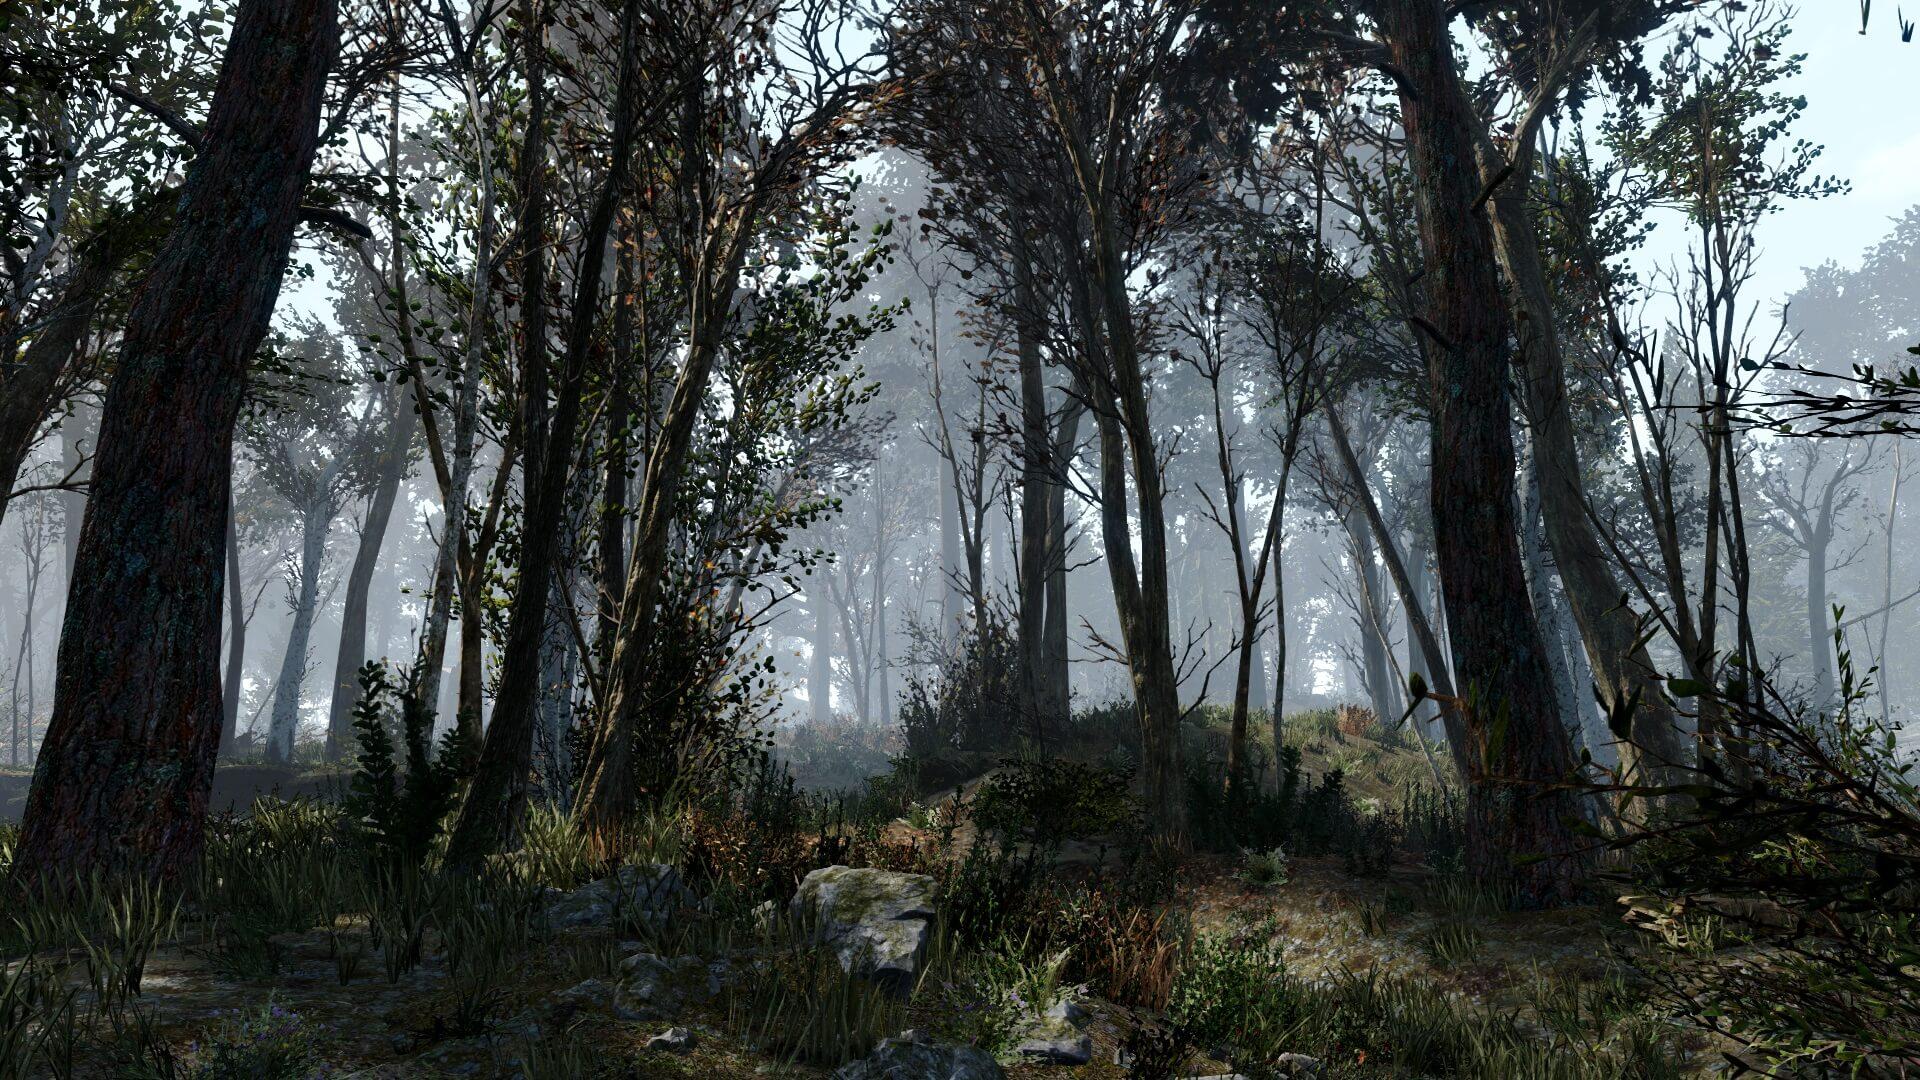 绿意盎然 《辐射4》森林MOD为游戏添加18000棵树木